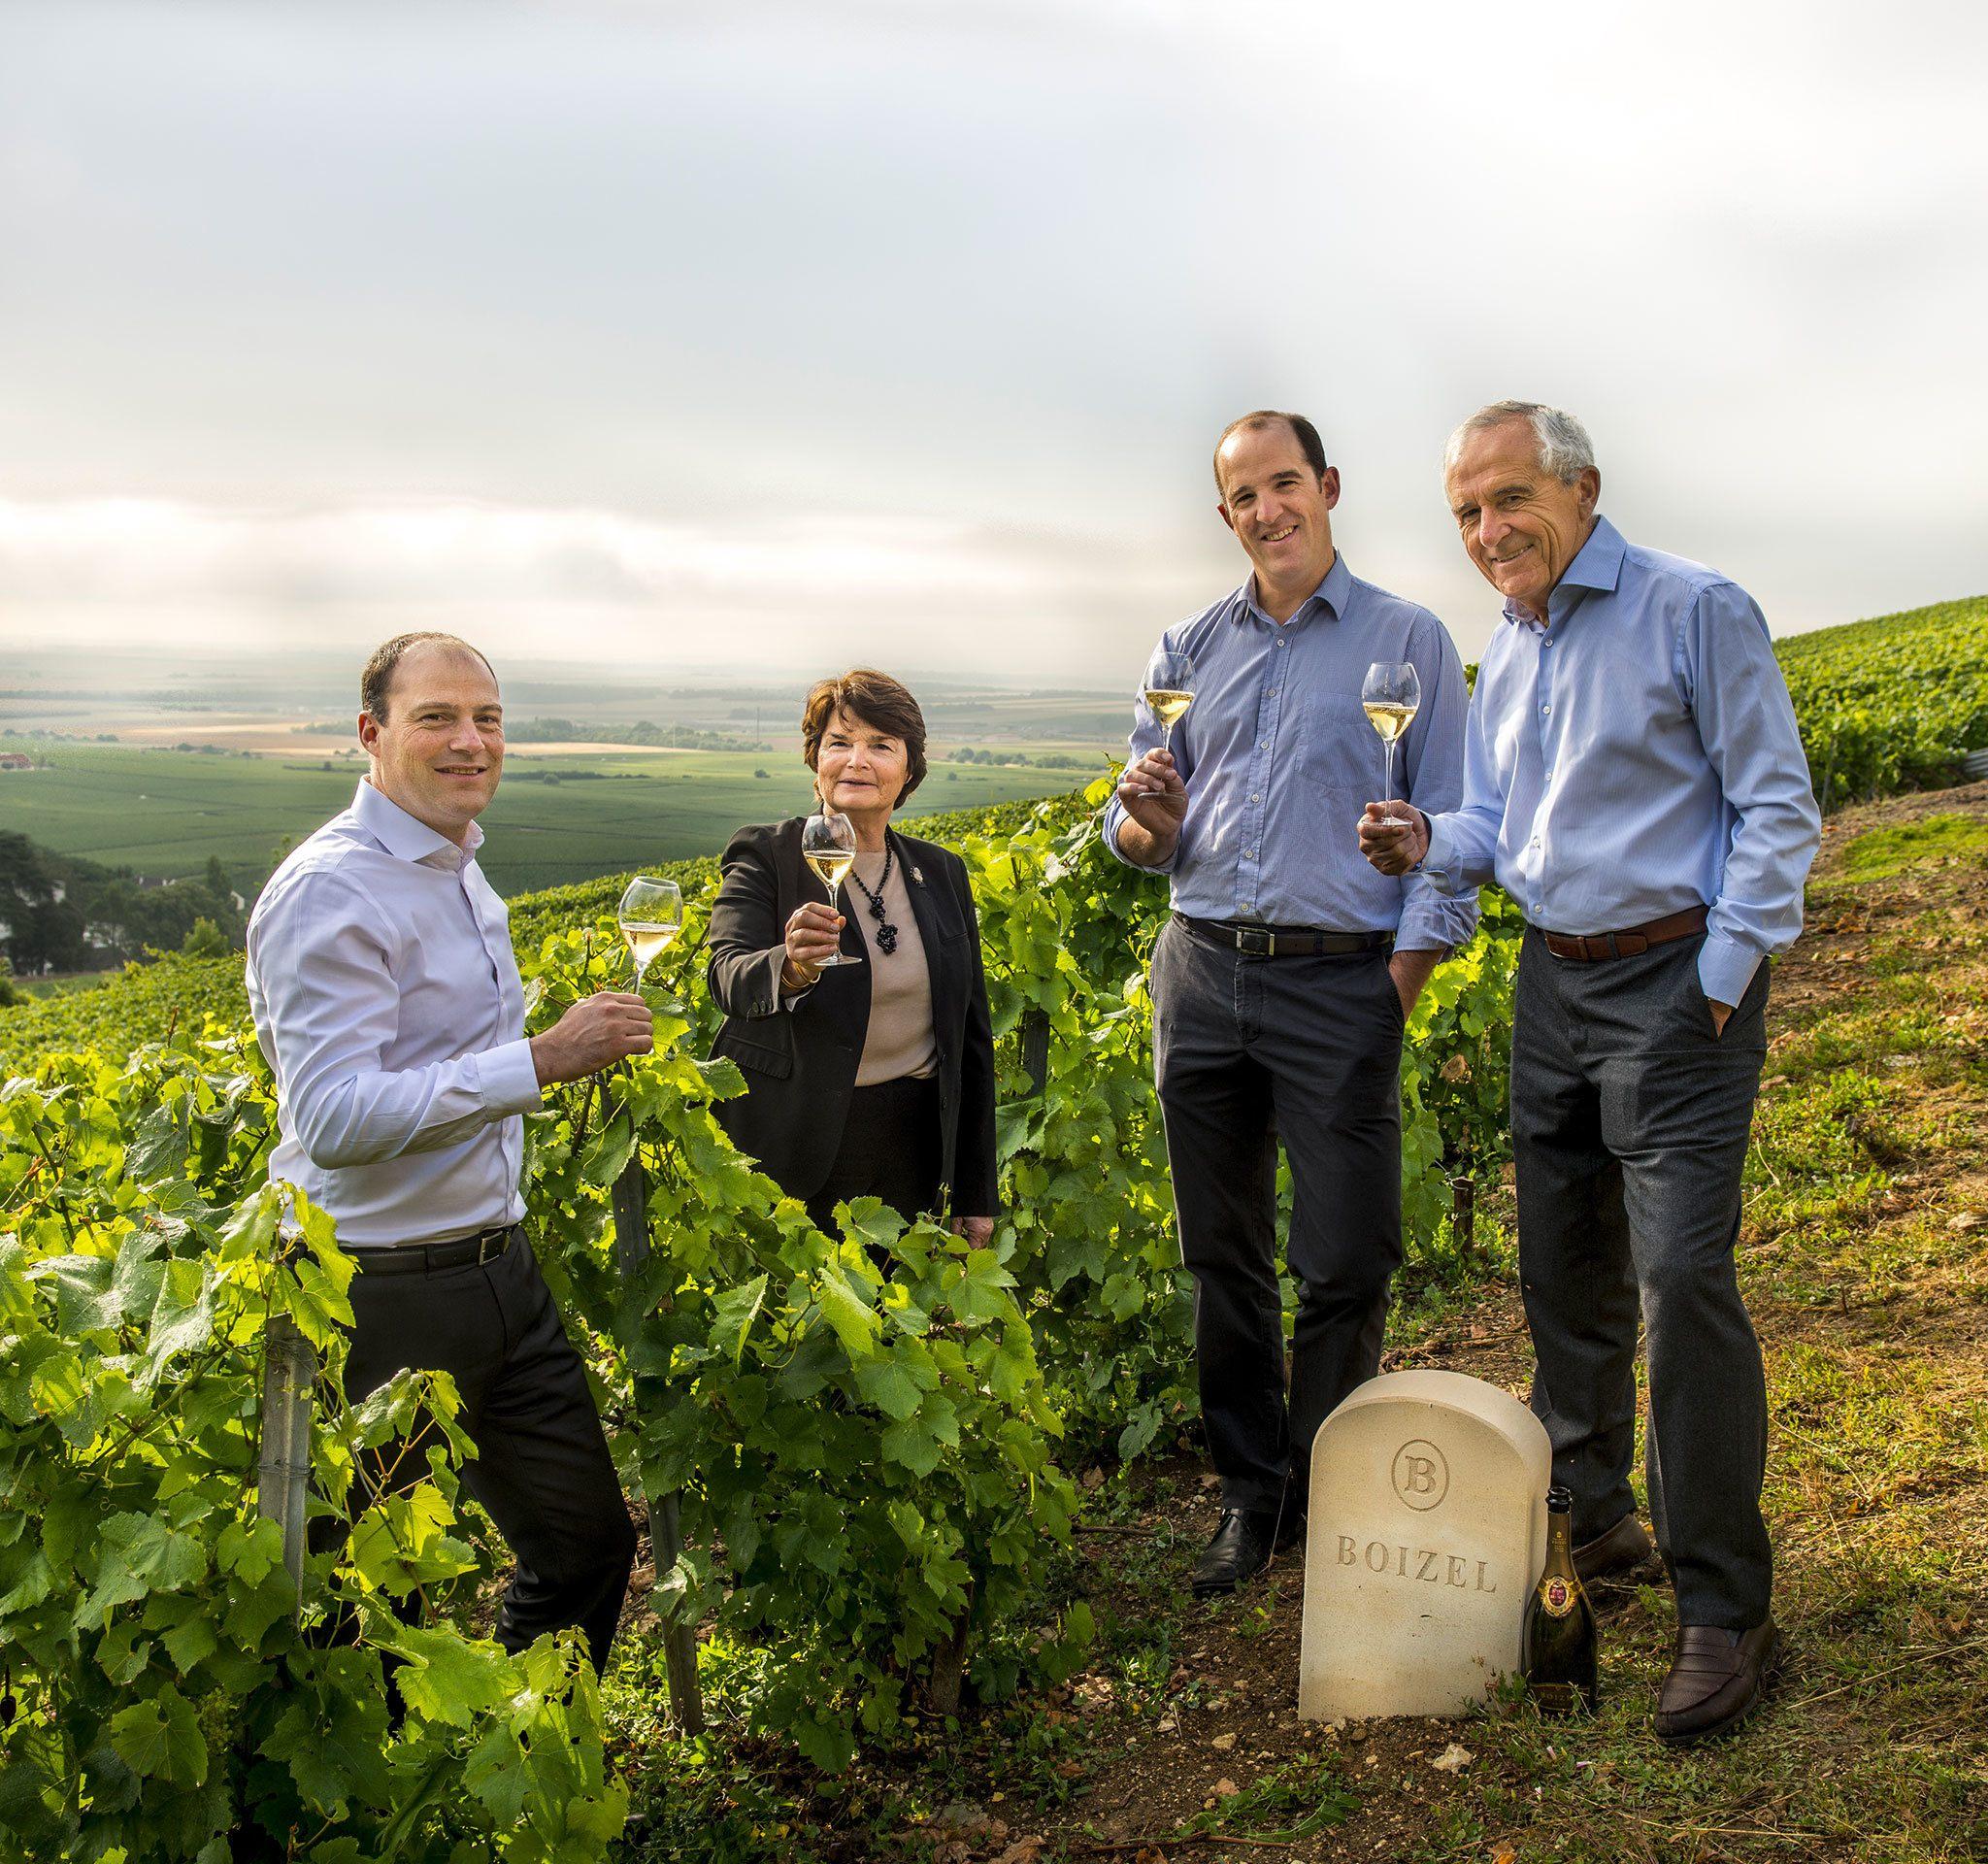 AVIZE - Champagne Boizel - Epernay France